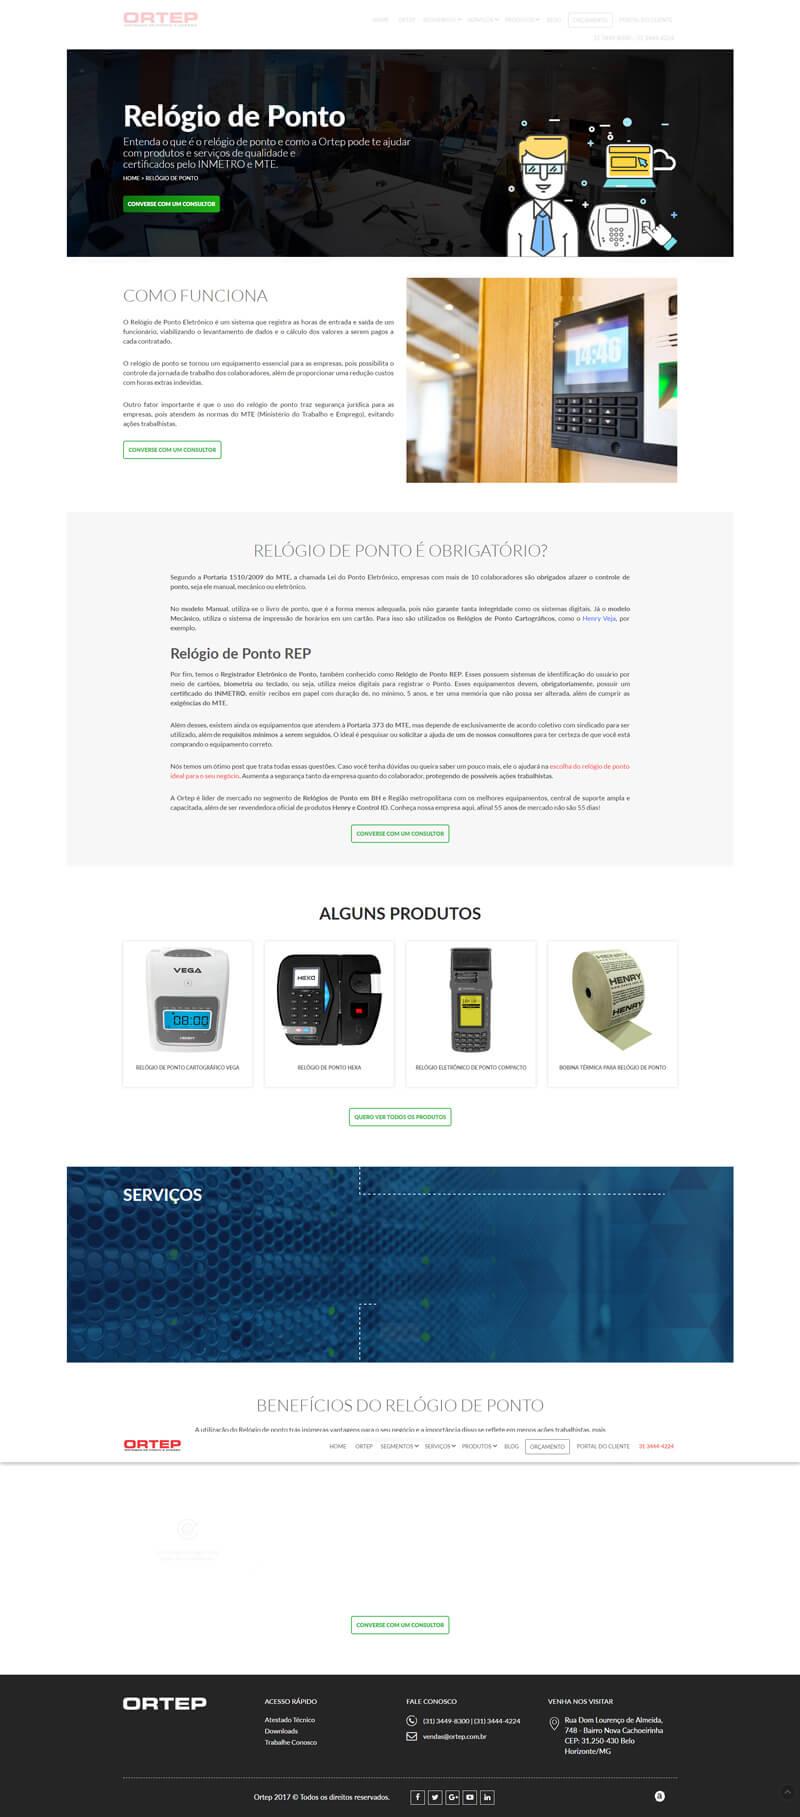 screenshot www.ortep.com relógio de ponto